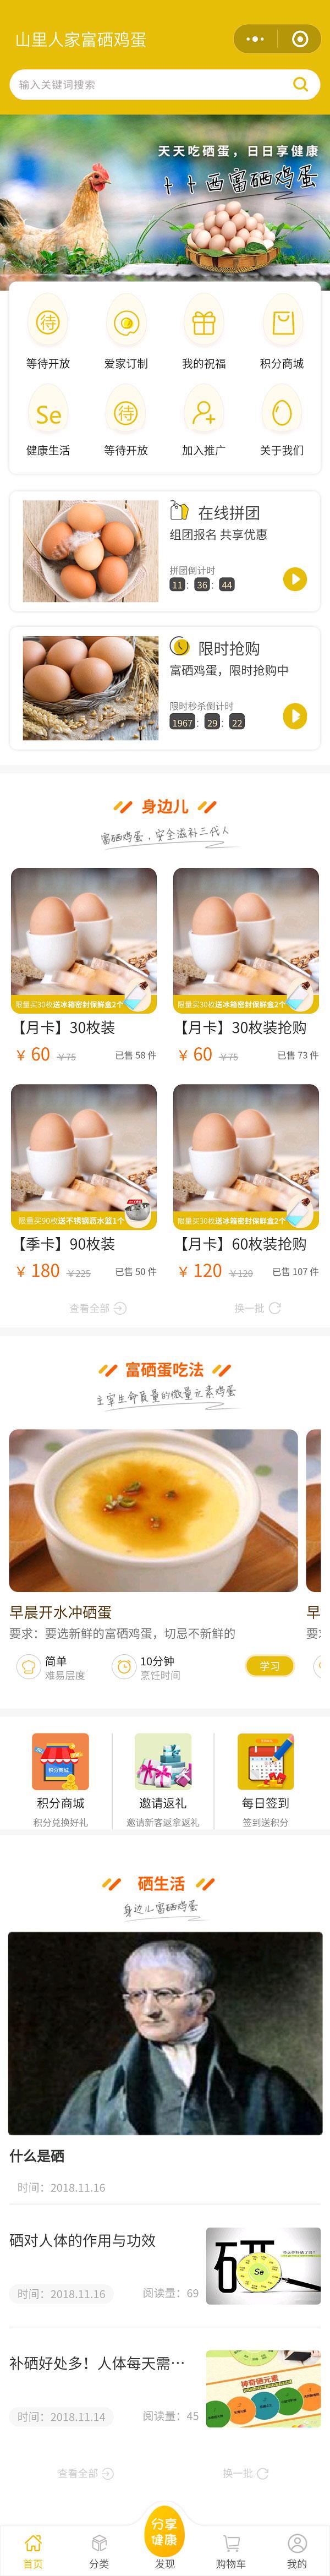 富硒鸡蛋-营销型小程序页面